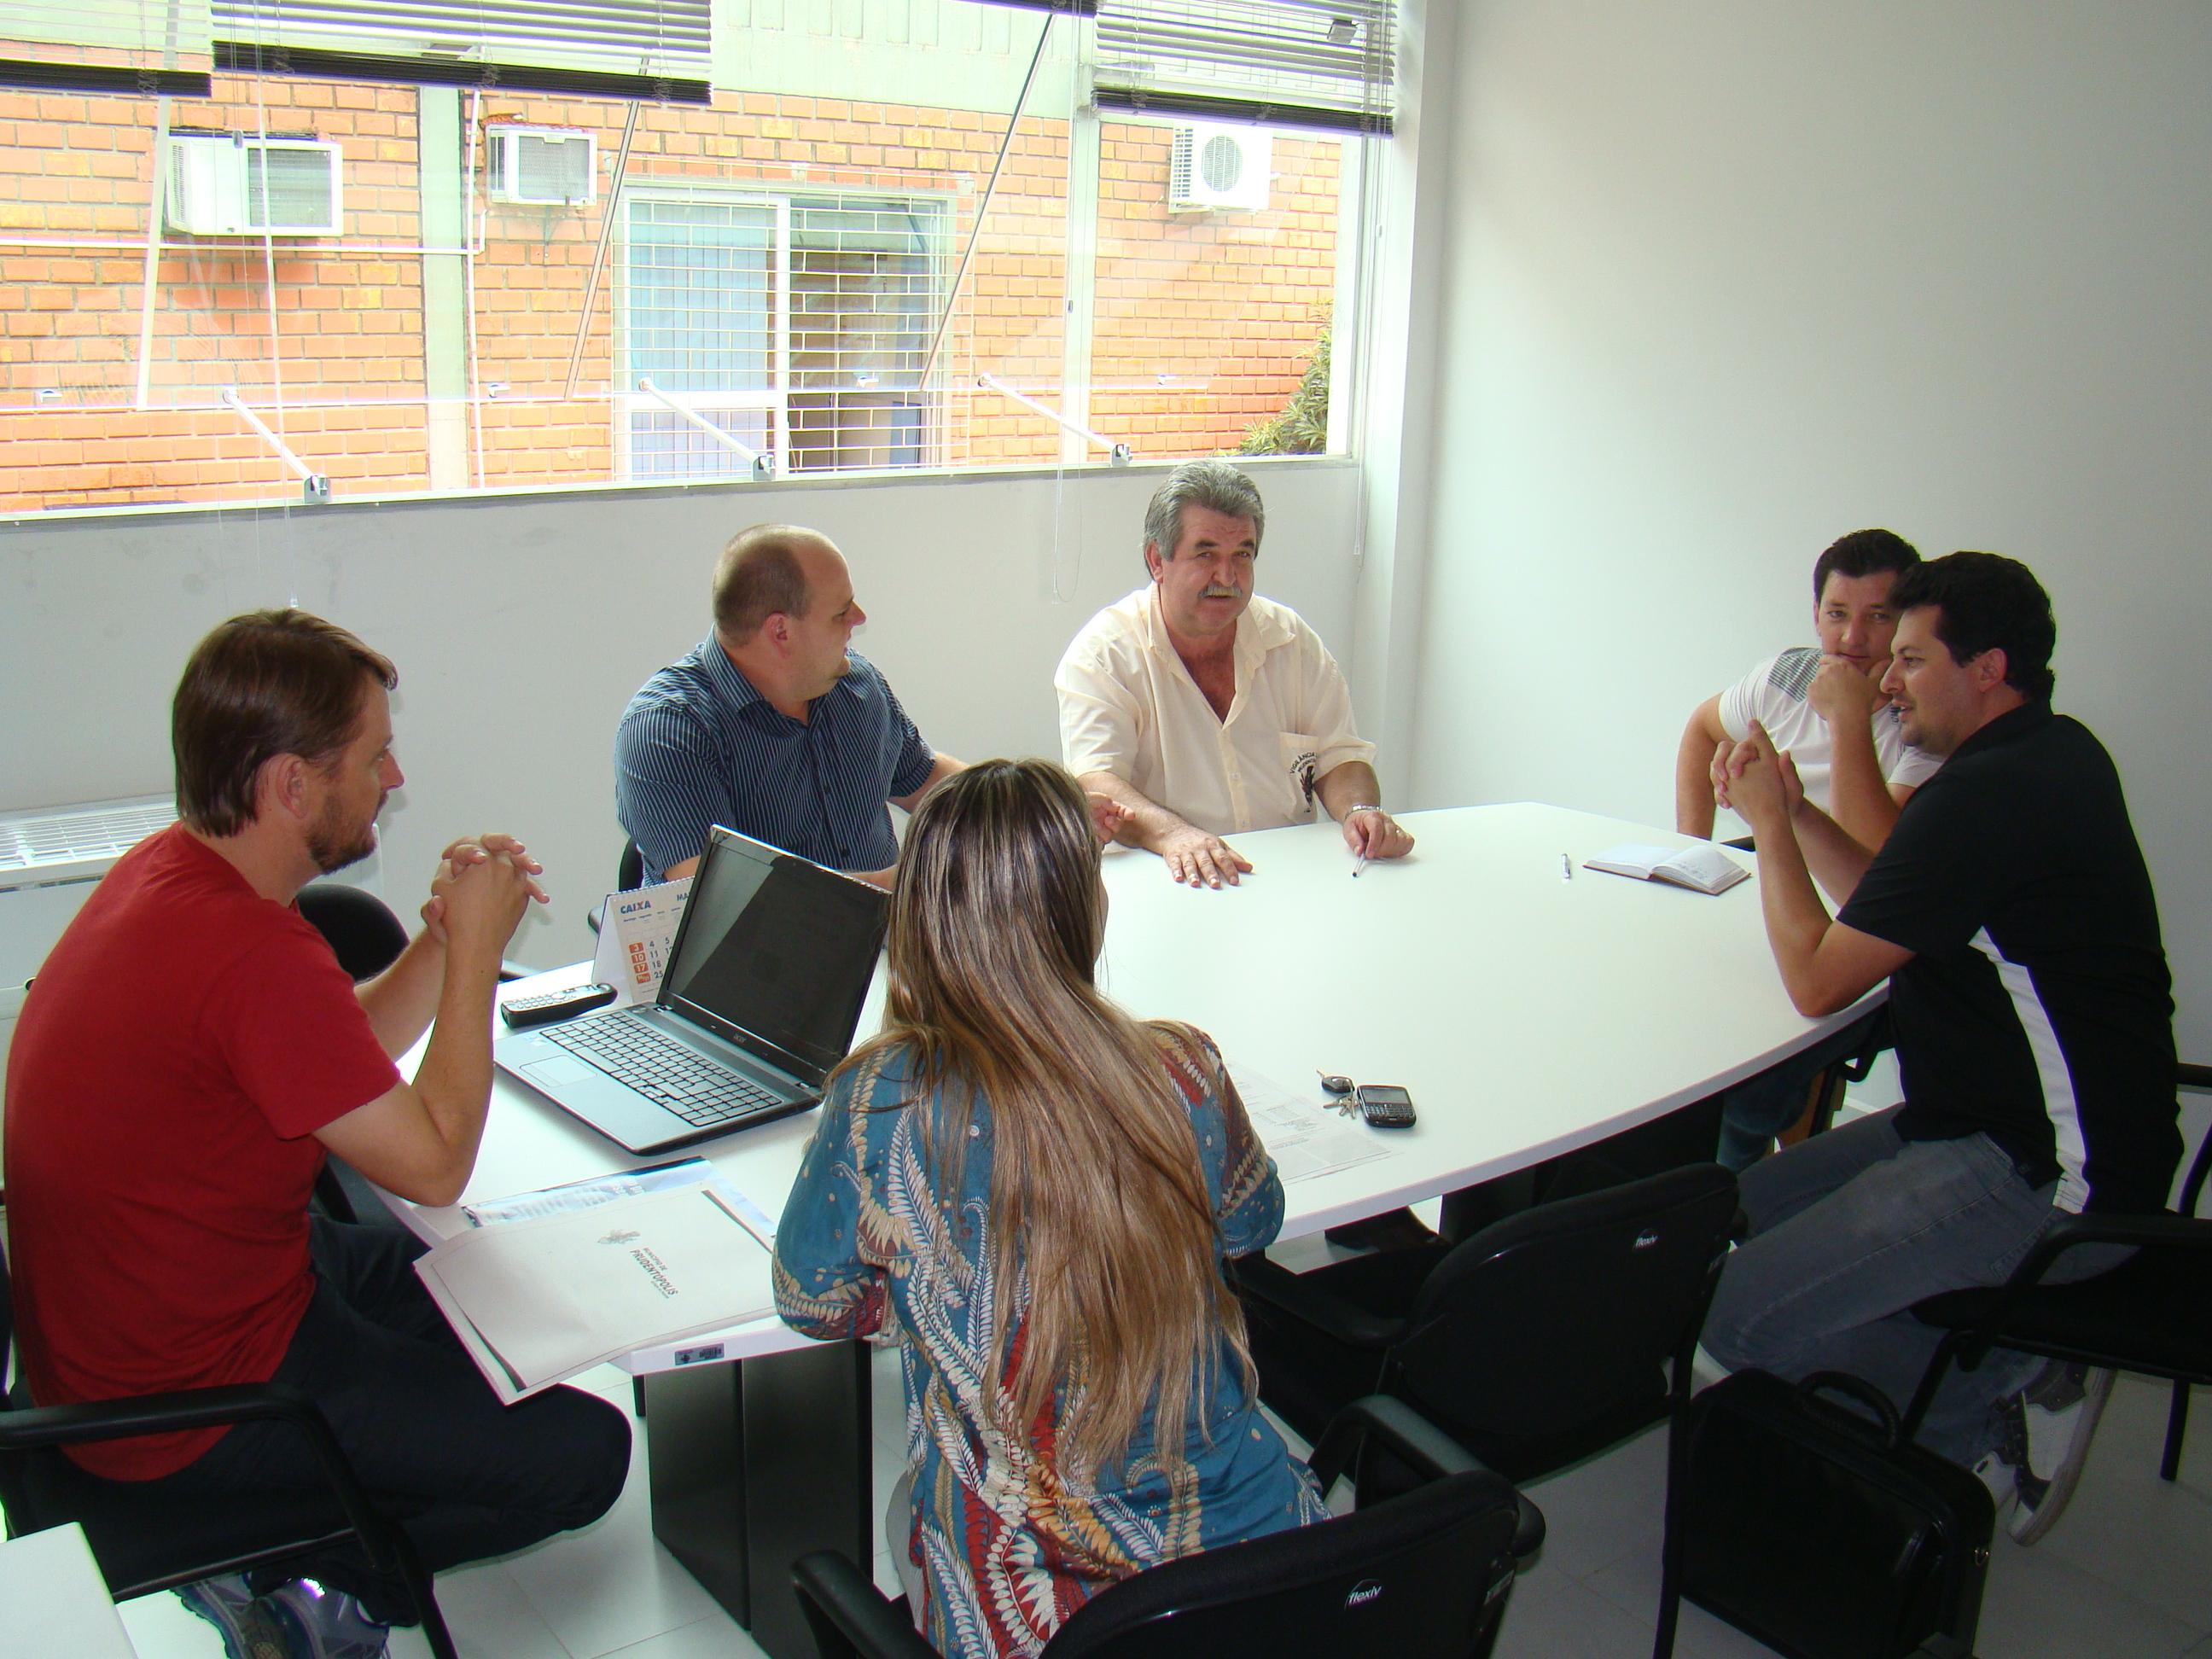 Presidente Makuch e os membros da Comiss�o, discutem os planos de atividades ap�s reativa��o.